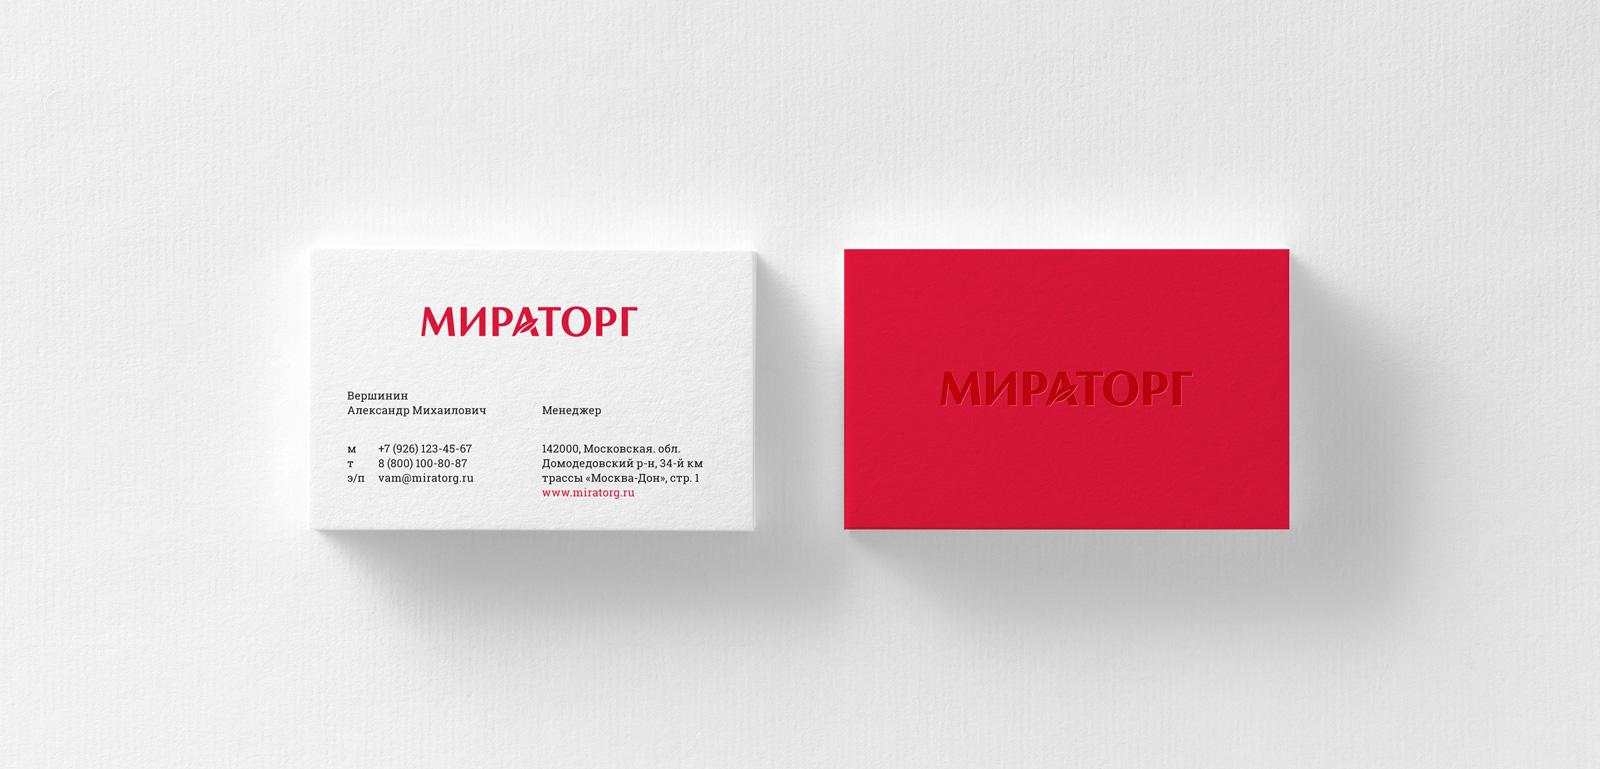 Разработка логотипа и фирменного стиля для корпоративного бренда «Мираторг».